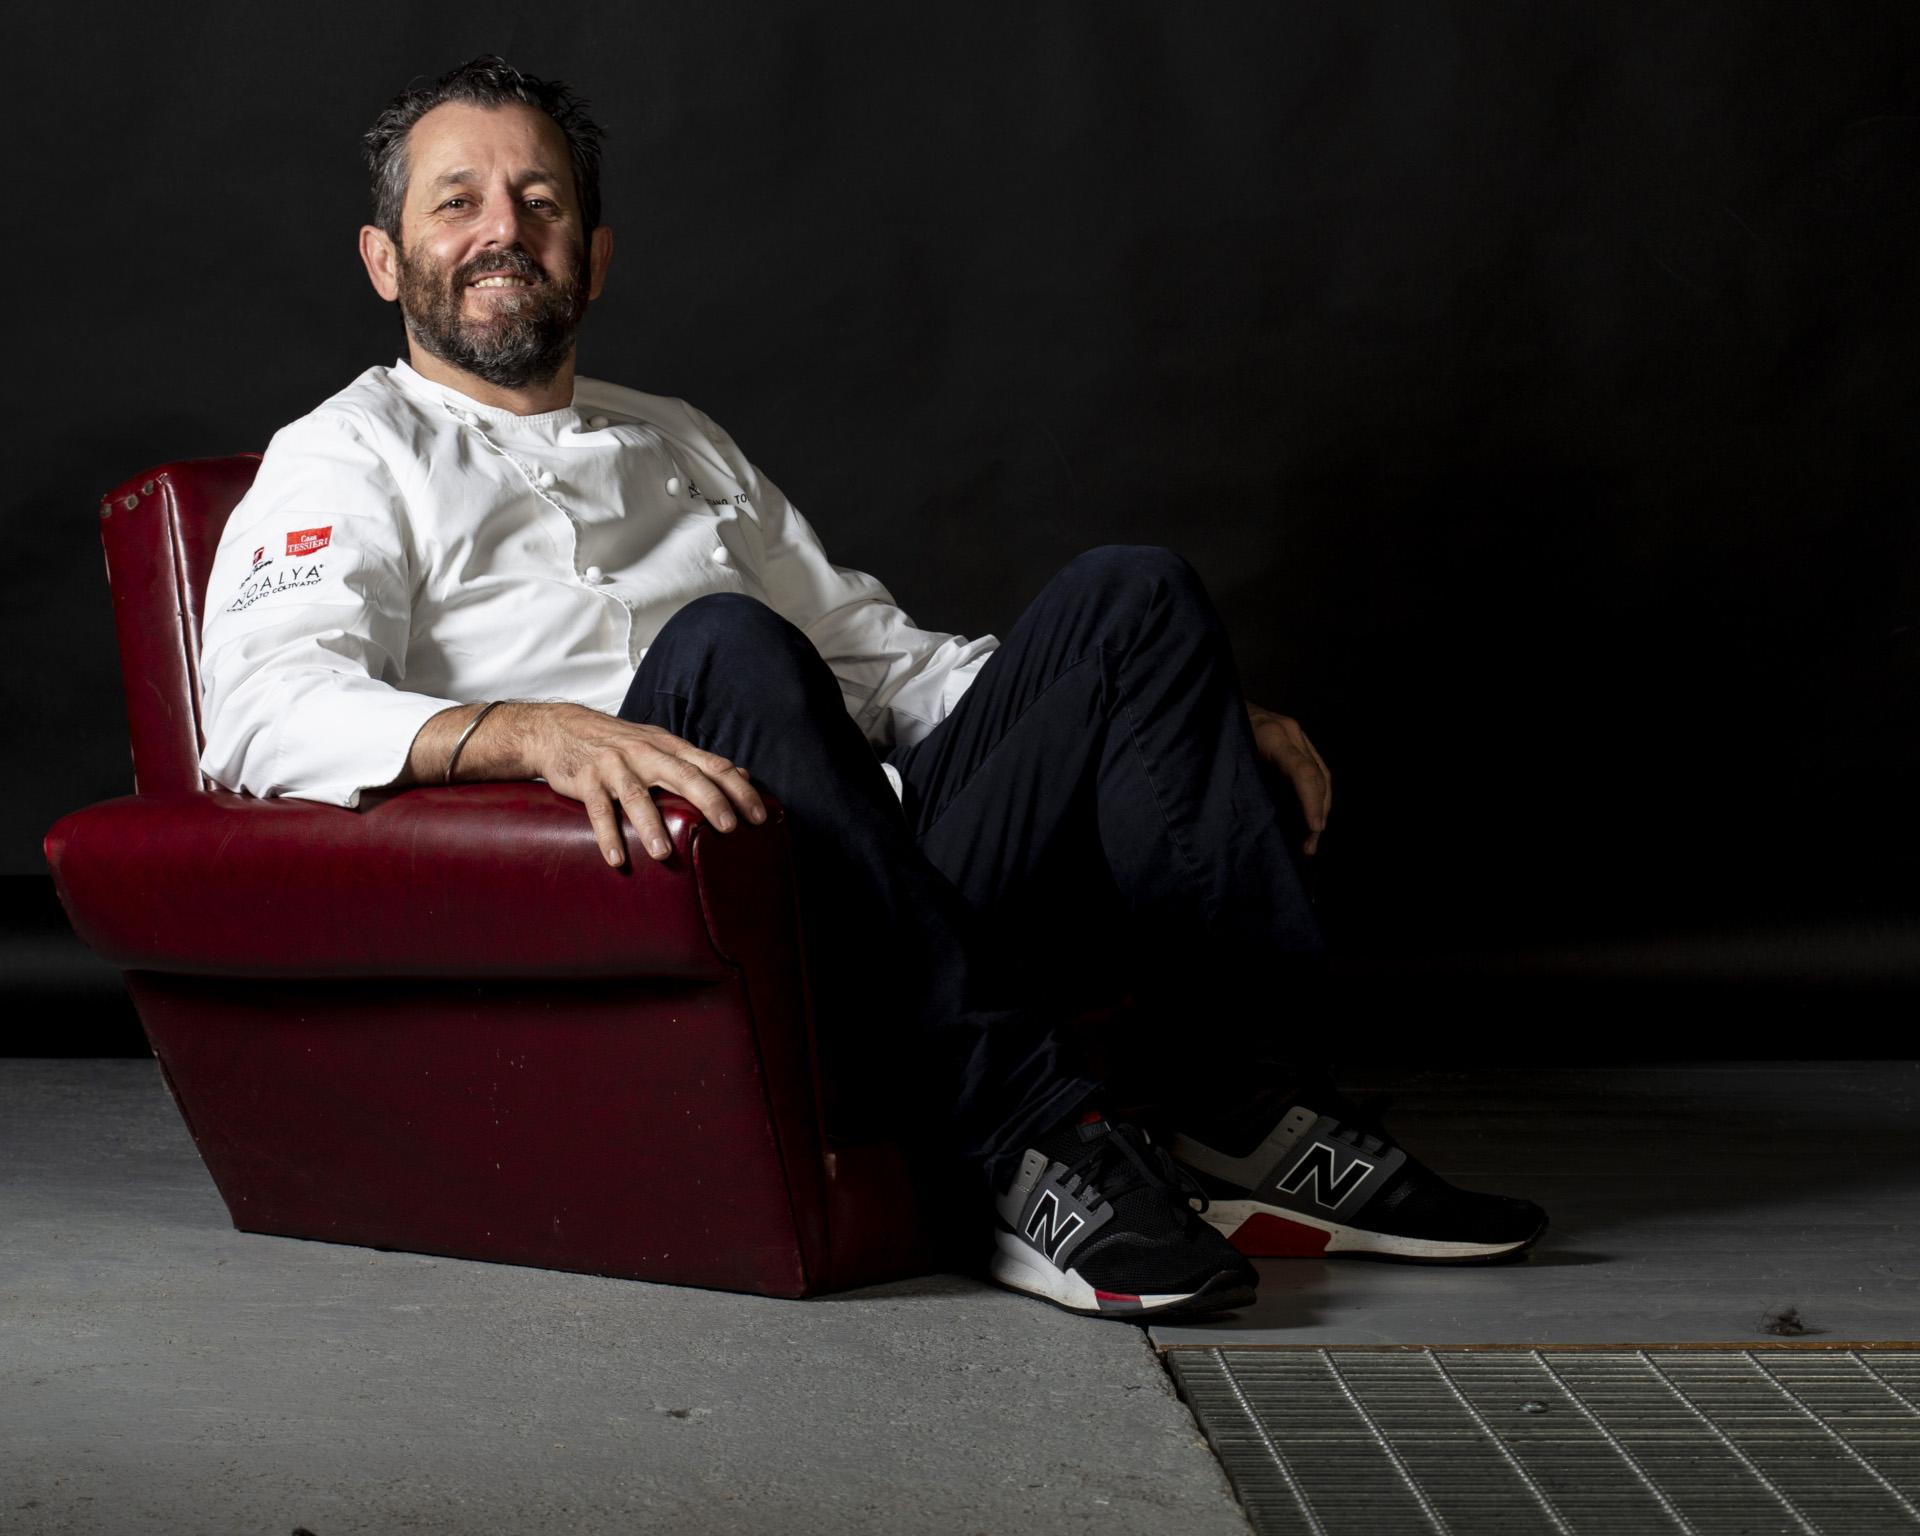 Chef Cristiano Tomei